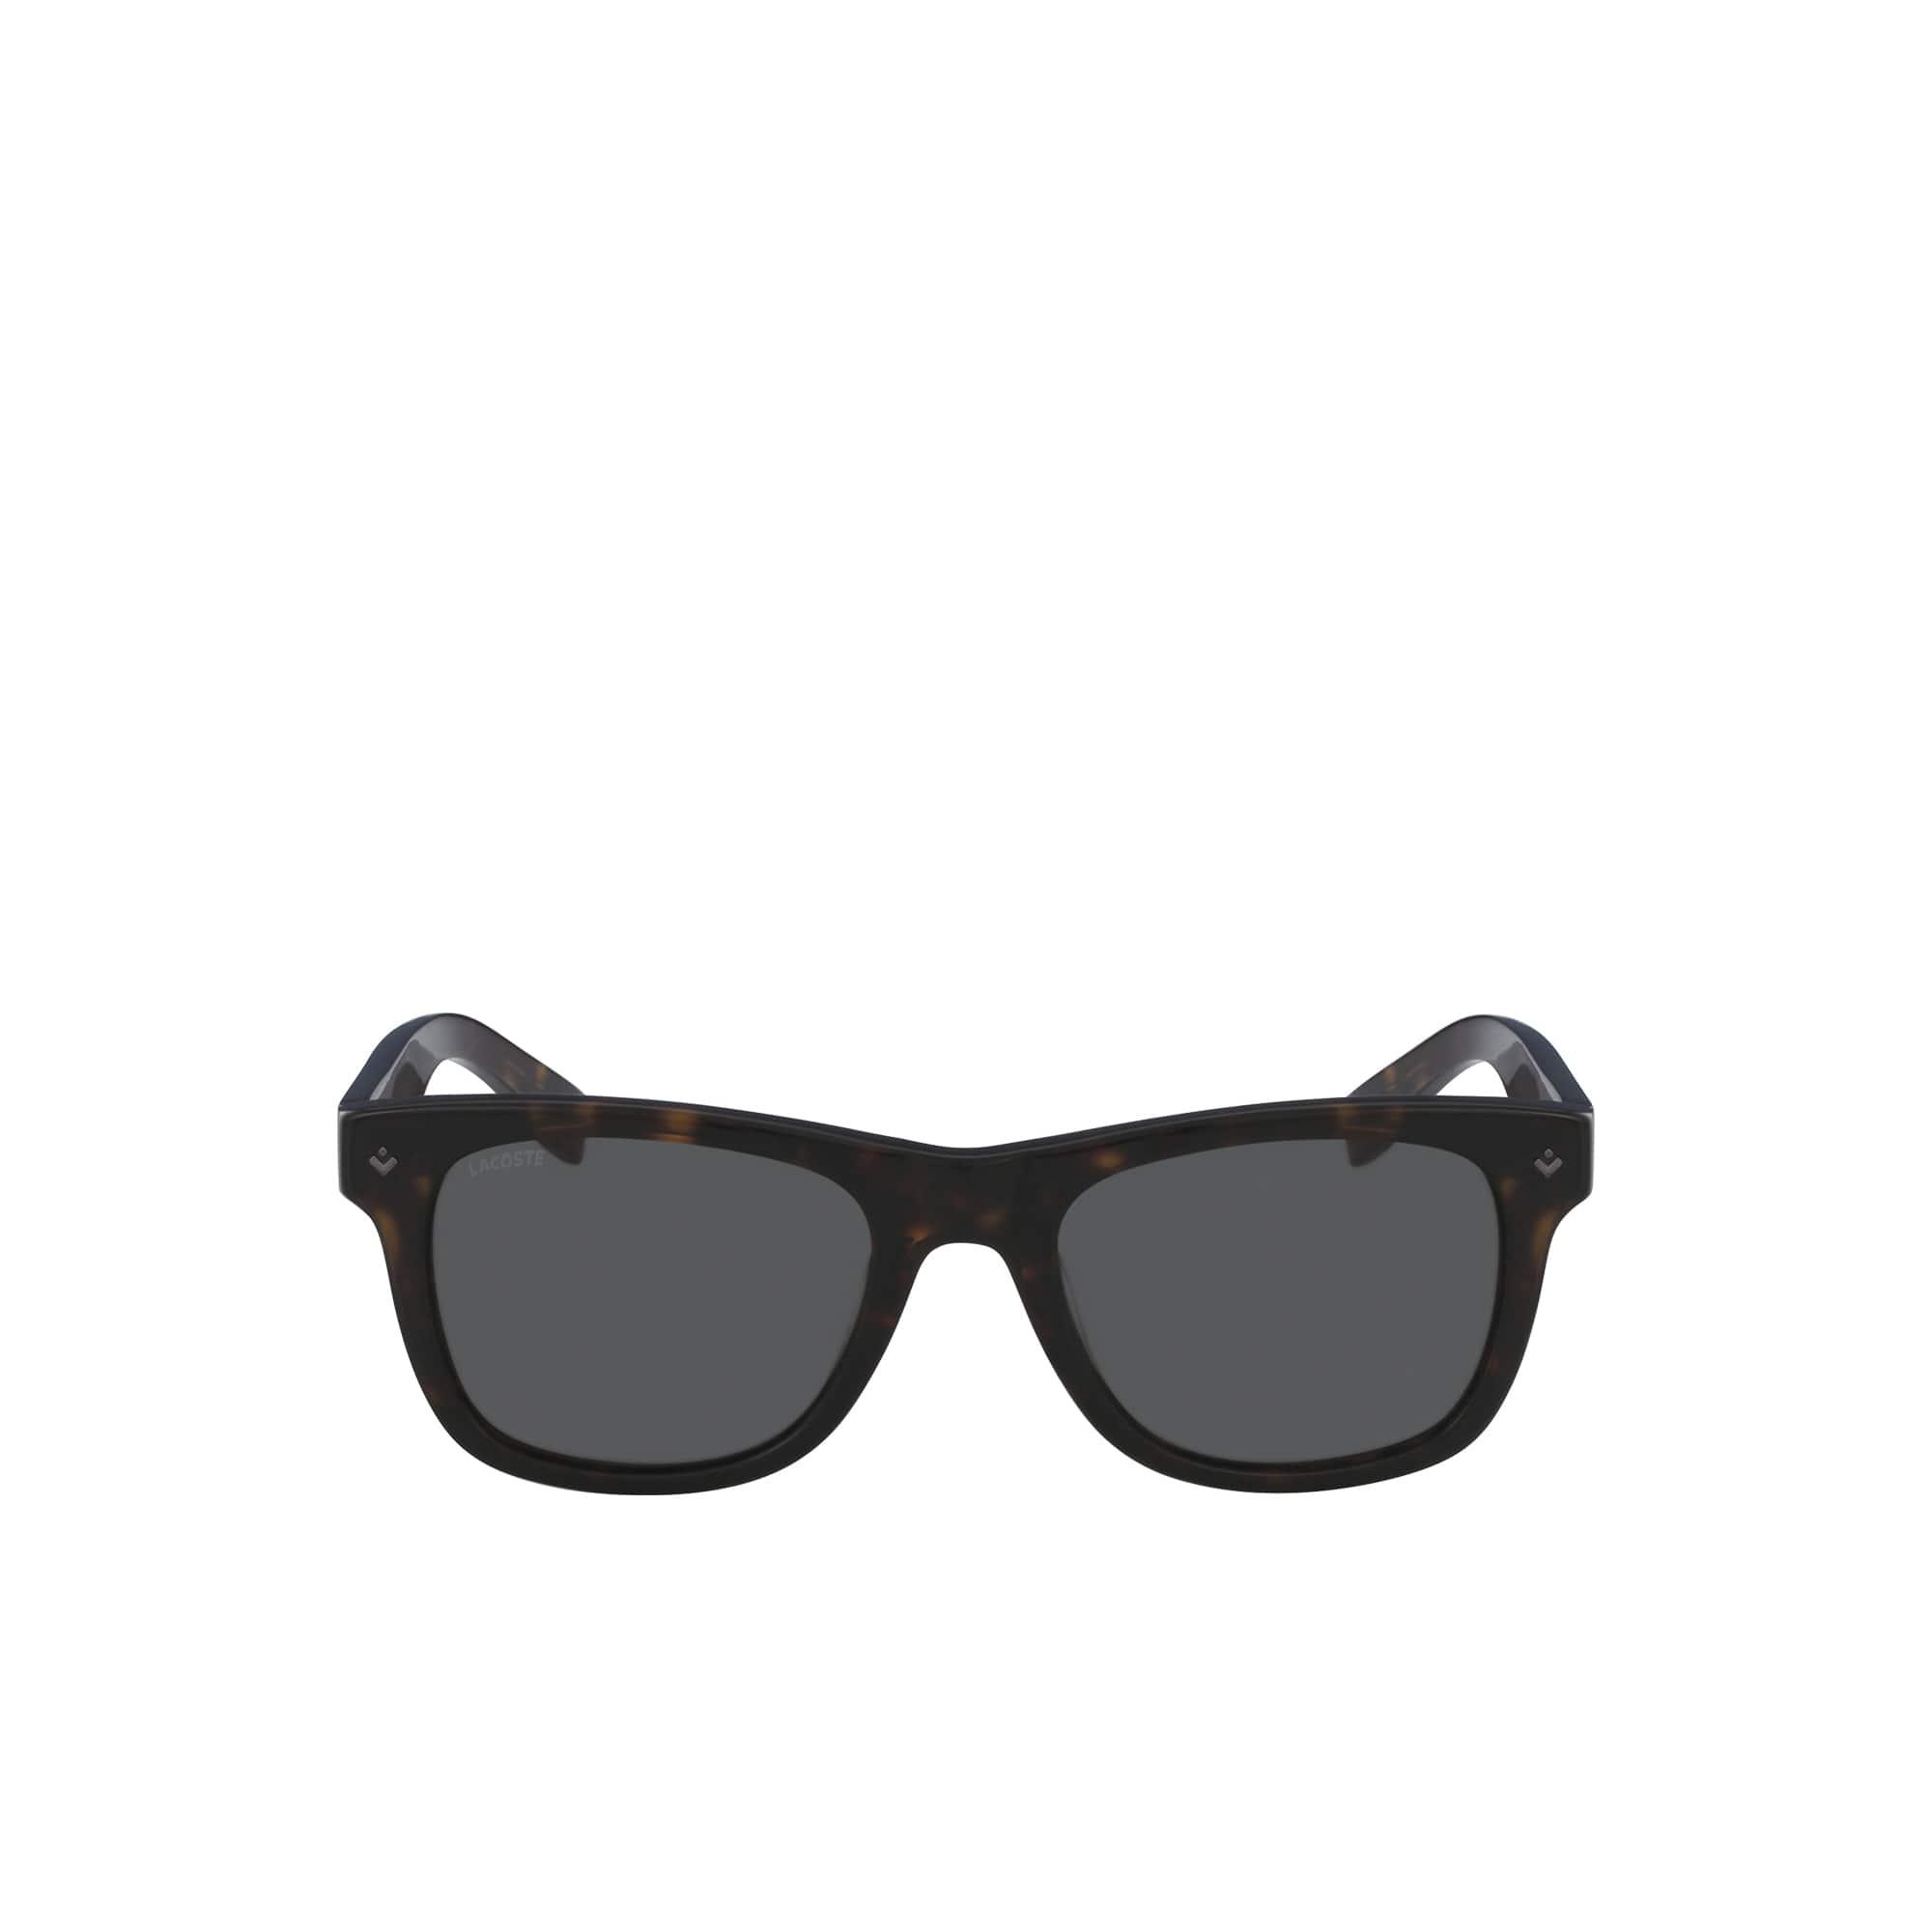 Occhiali da sole 85° anniversario unisex Petit Piqué con montatura in acetato